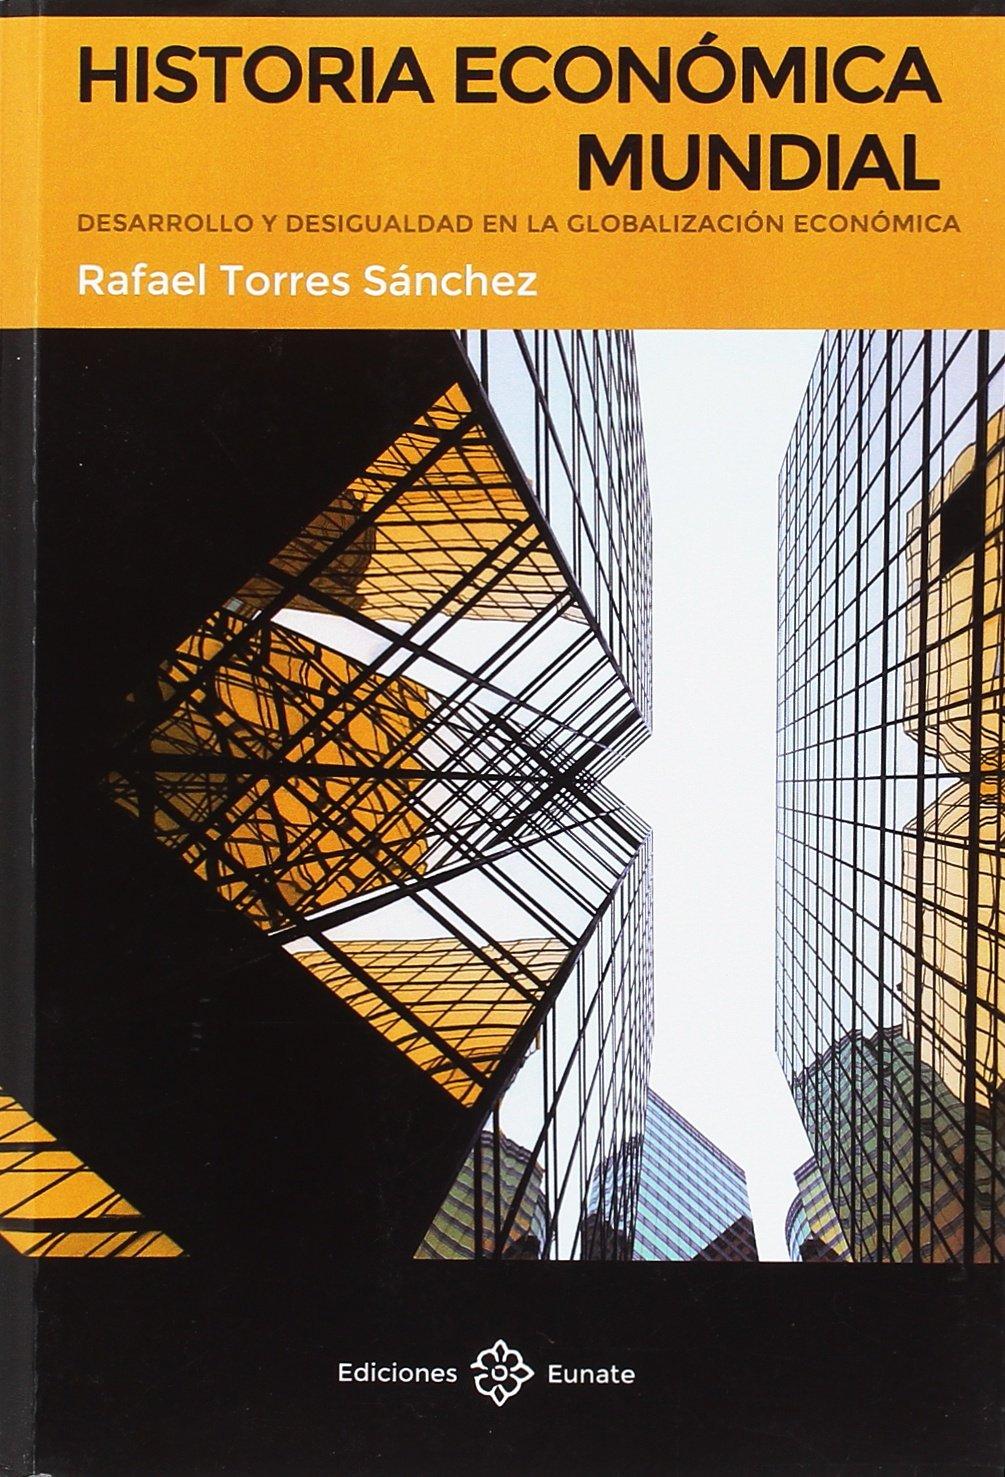 Historia económica mundial: Desarrollo y desigualdad en la globalización económica Tapa blanda – 30 jul 2017 Rafael Torres Sánchez Ediciones Eunate 8477683395 Economic history